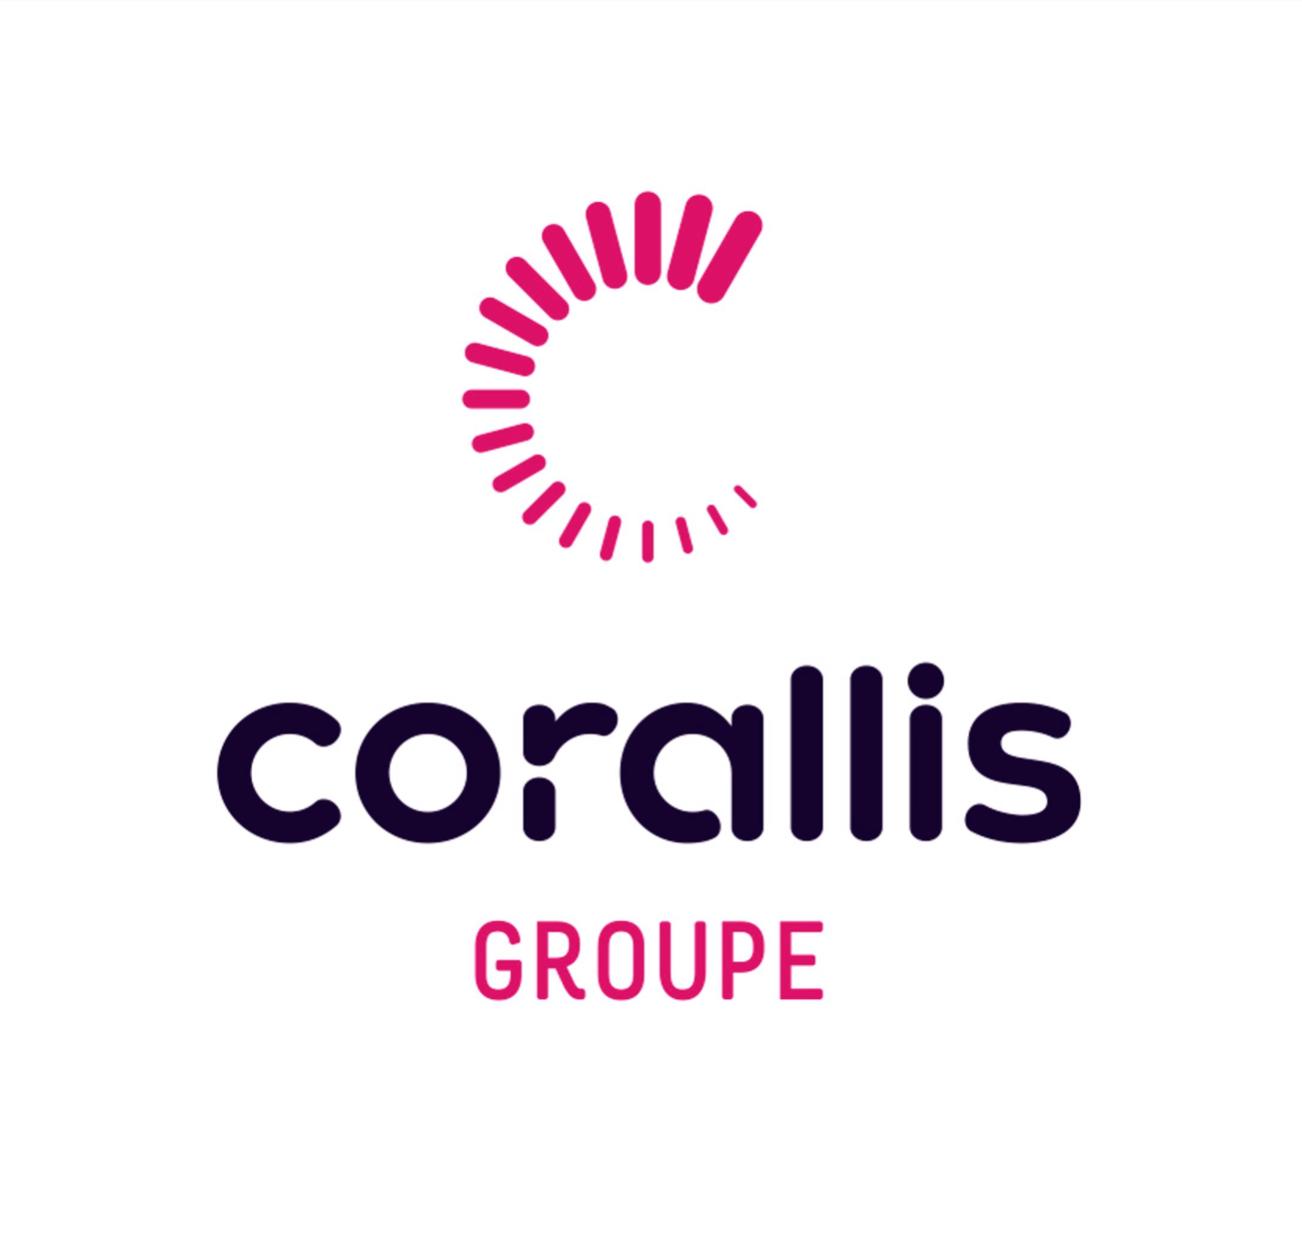 Corallis